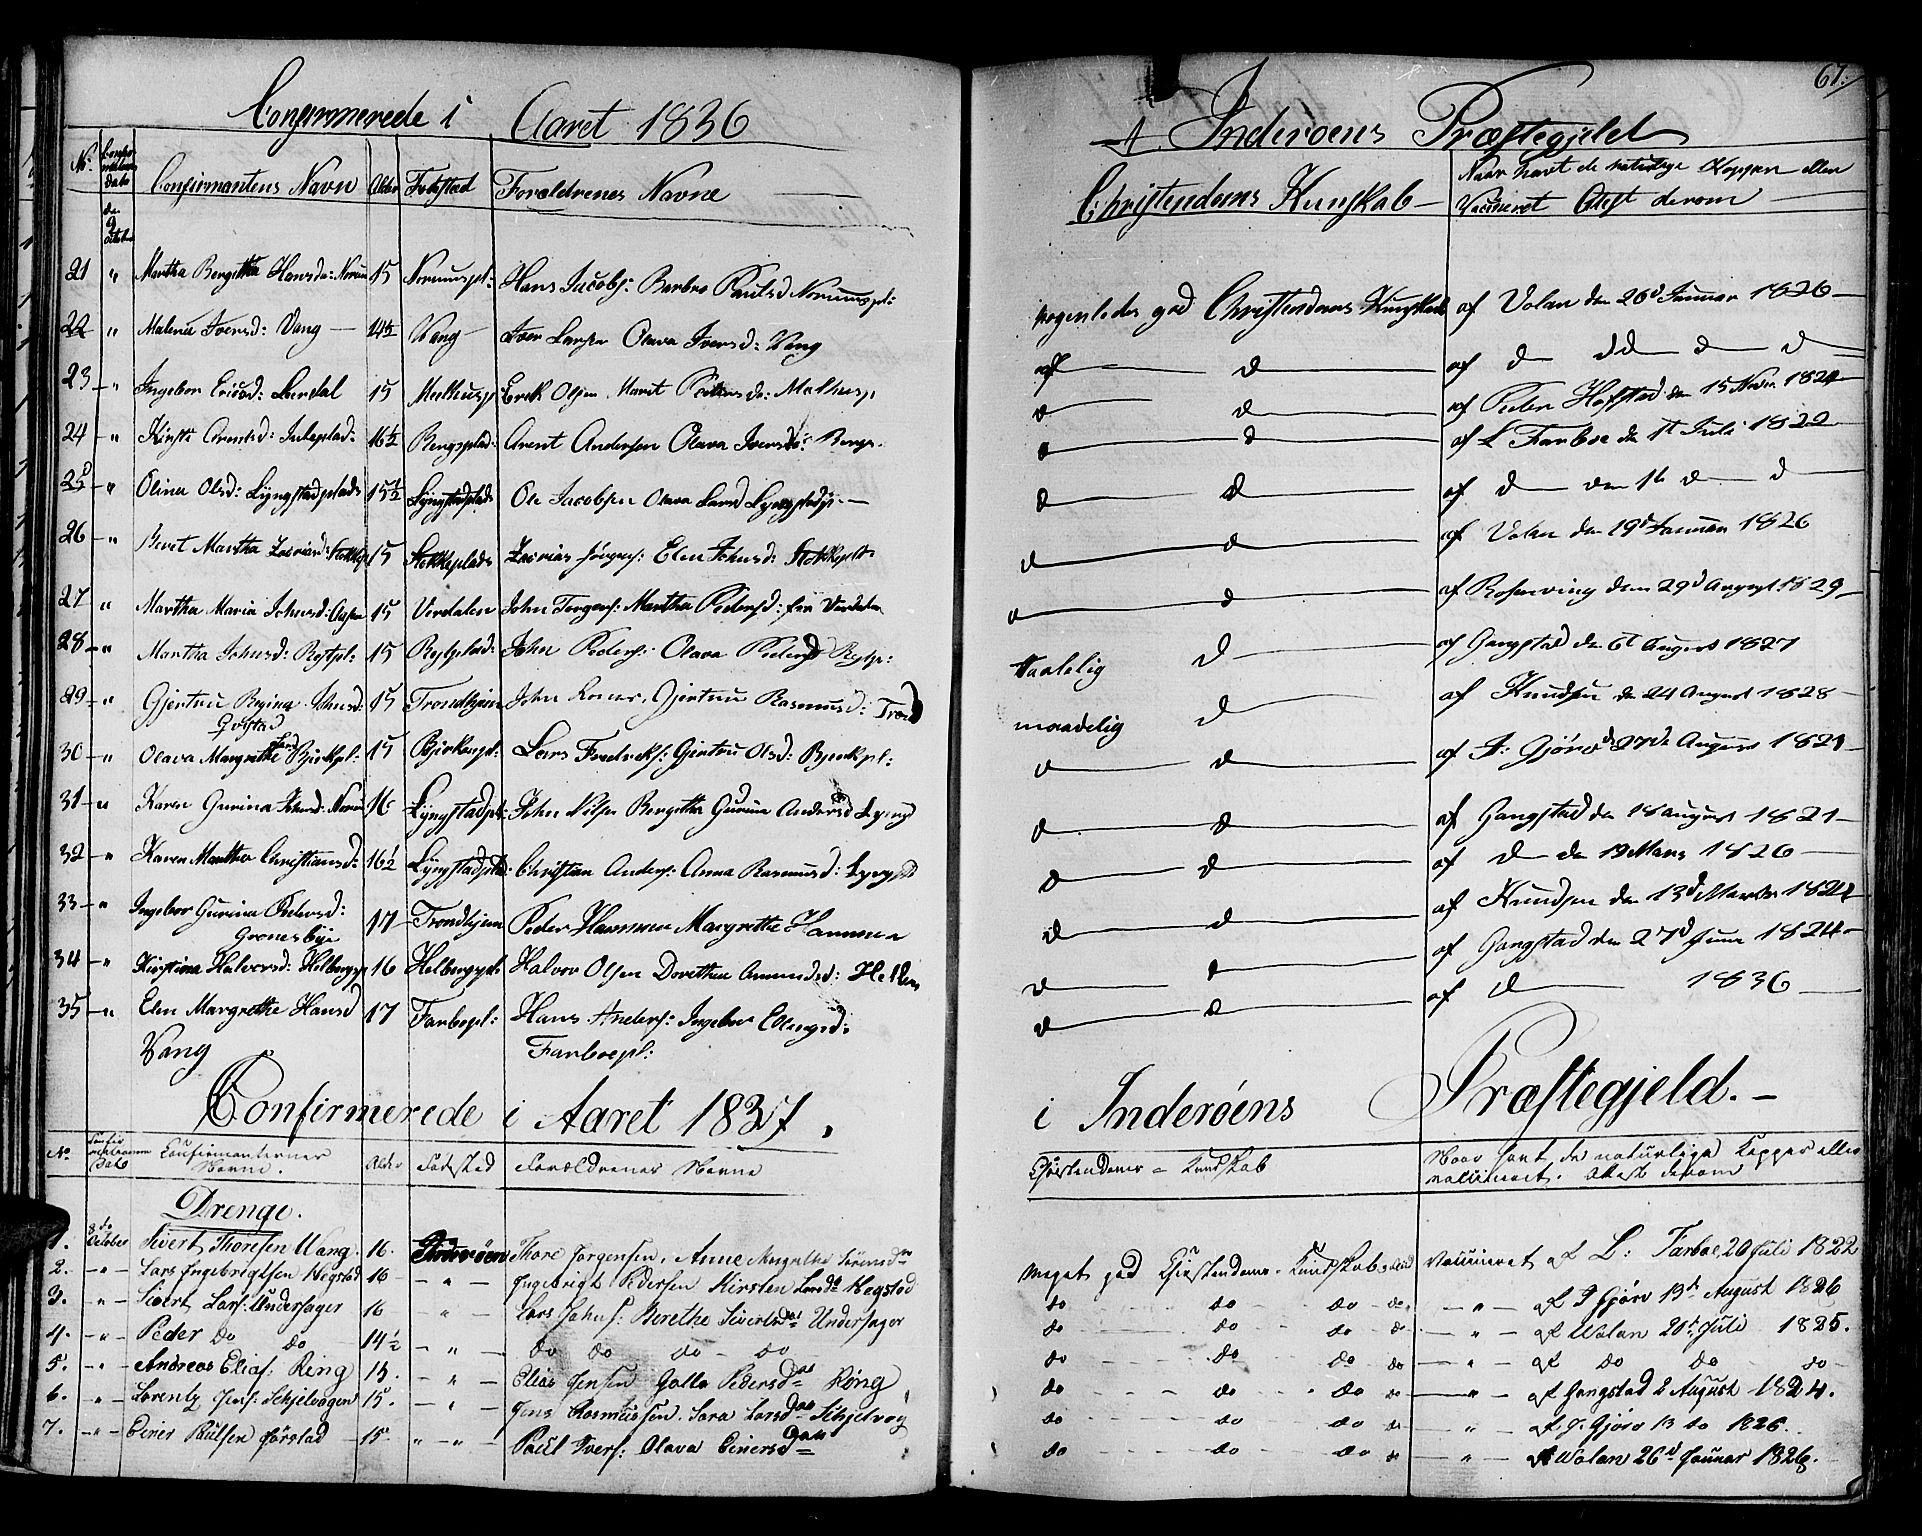 SAT, Ministerialprotokoller, klokkerbøker og fødselsregistre - Nord-Trøndelag, 730/L0277: Ministerialbok nr. 730A06 /1, 1830-1839, s. 67